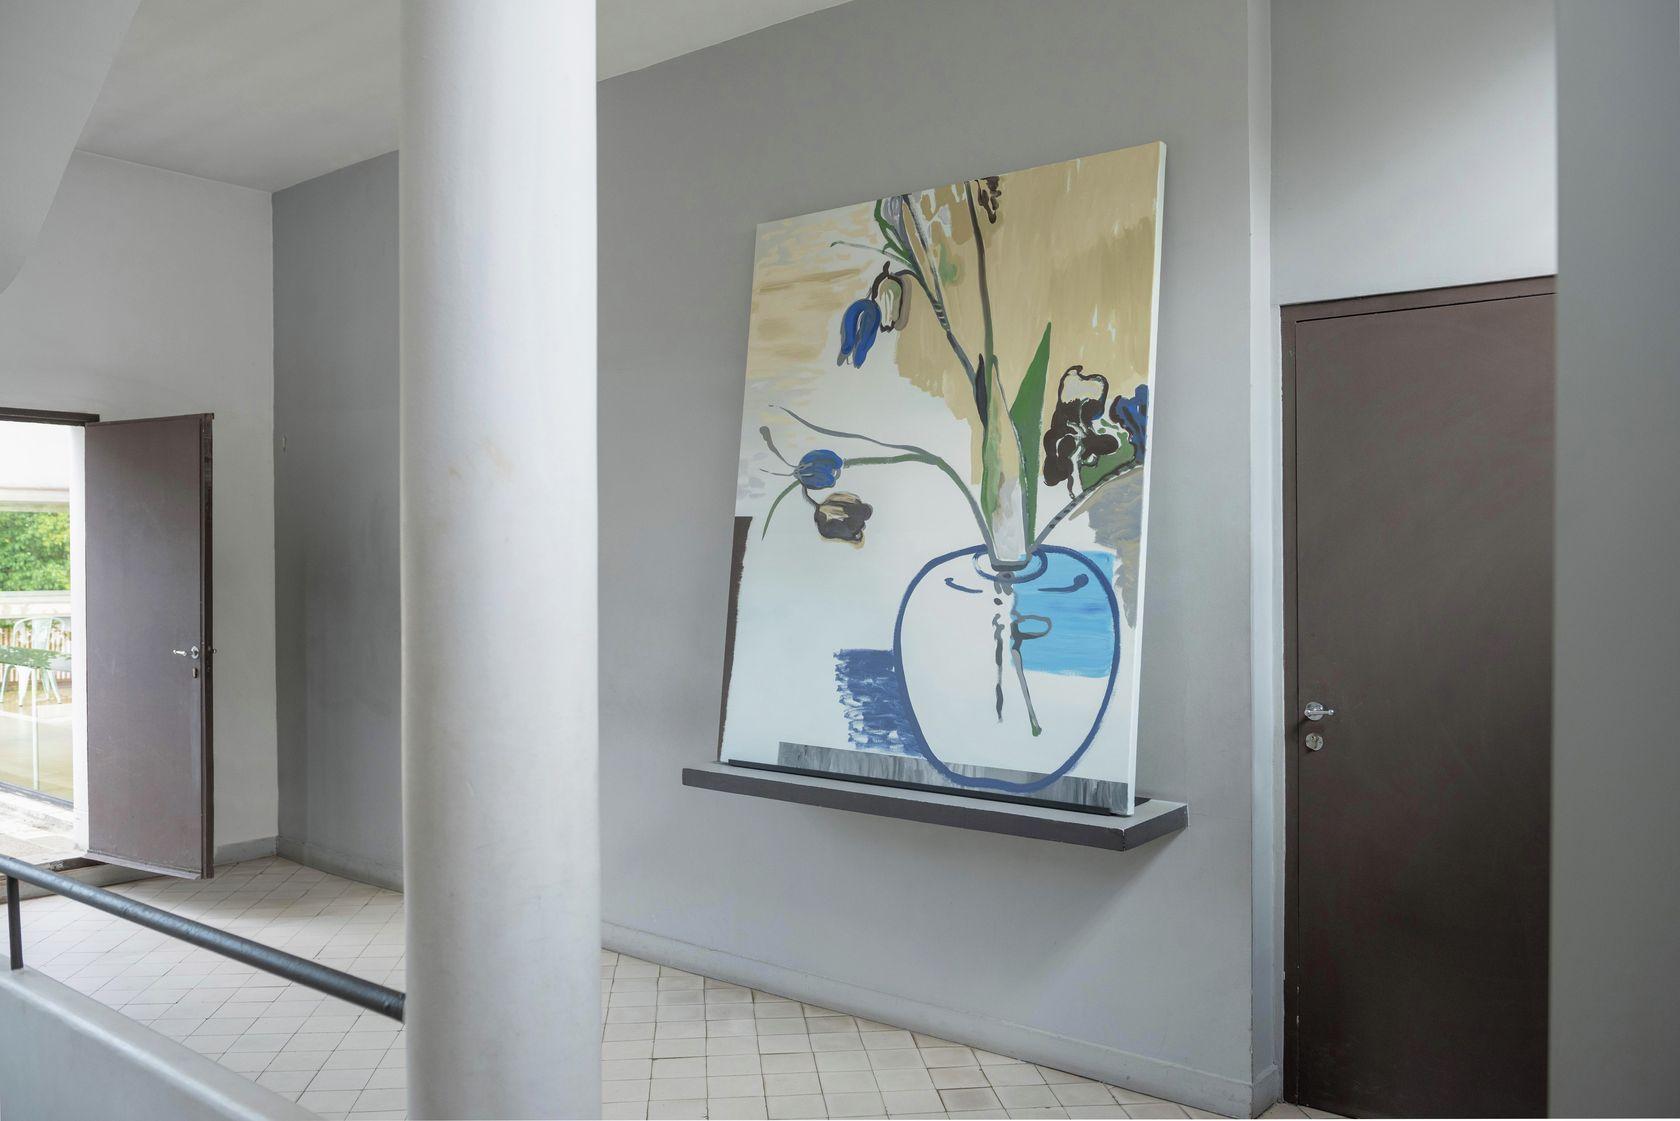 Françoise Pétrovitch, Bouquet pour Eugénie, 2019 Habiter la Villa, Villa Savoye, Poissy (FR) 18 septembre 2020 - 24 janvier 2021 © Hervé Plumet